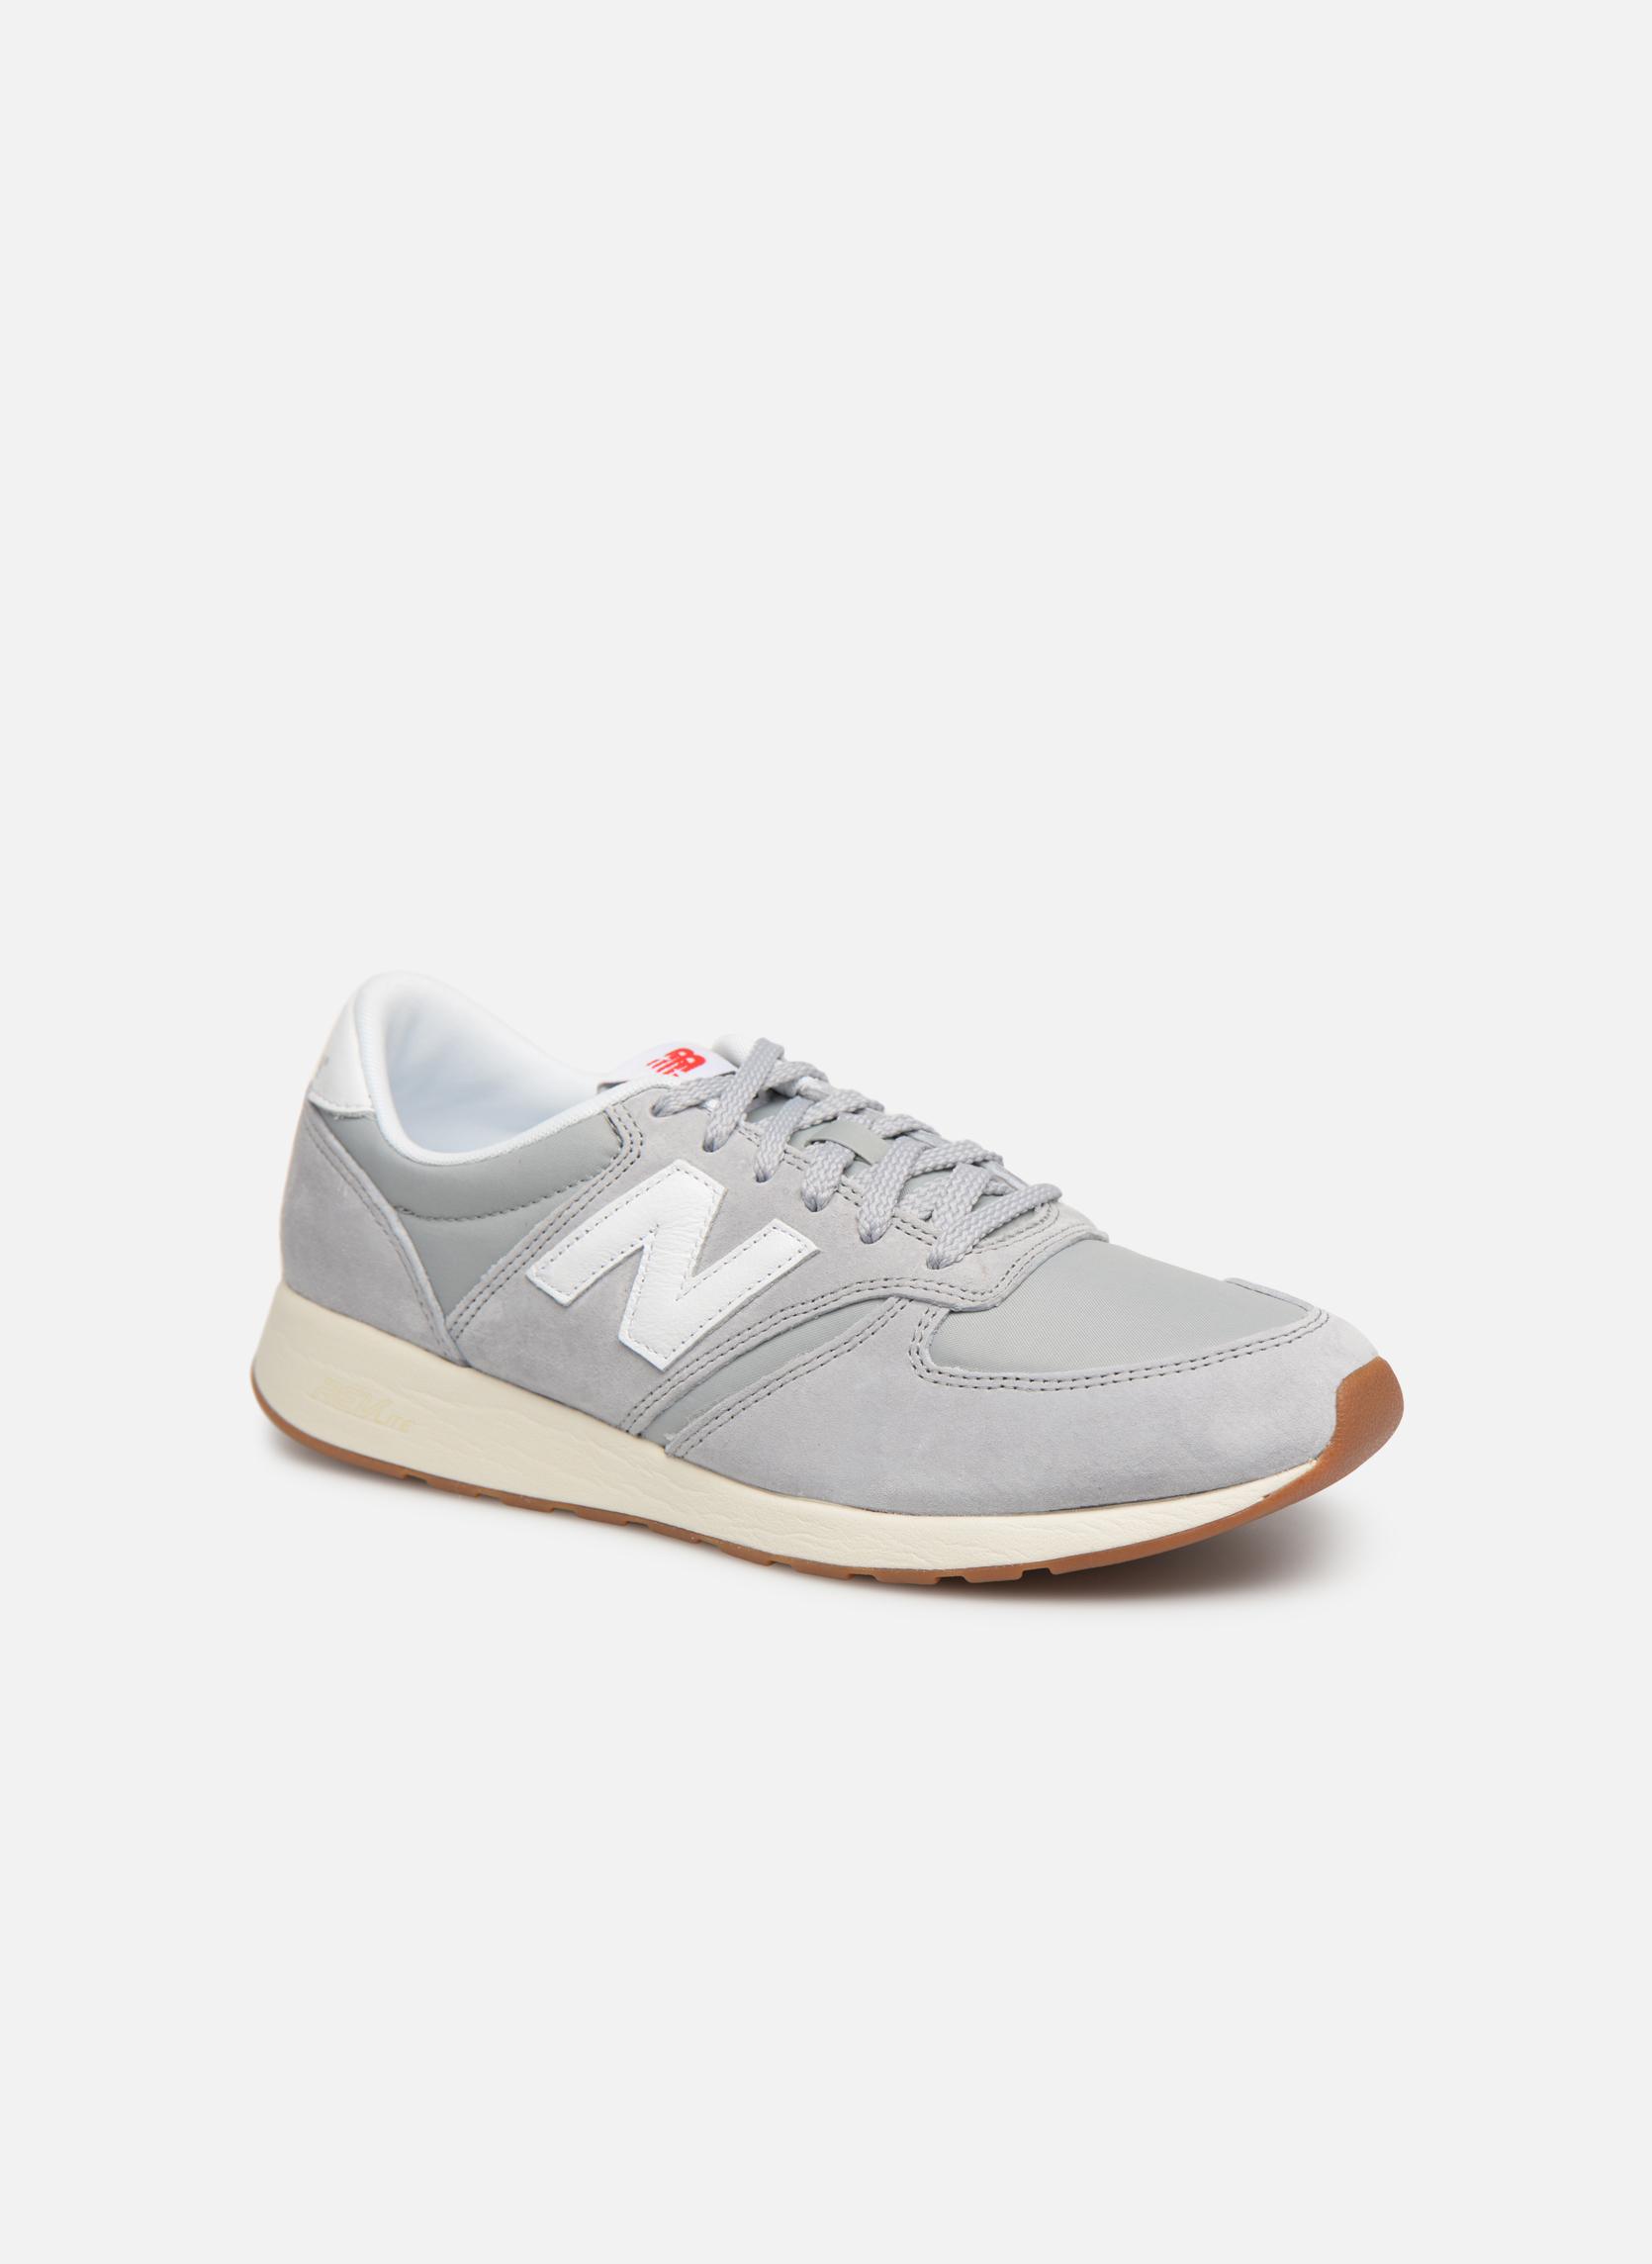 5bbc92f589a New Balance MRL420 (Blå) - Sneakers på Sarenza.se (303492)